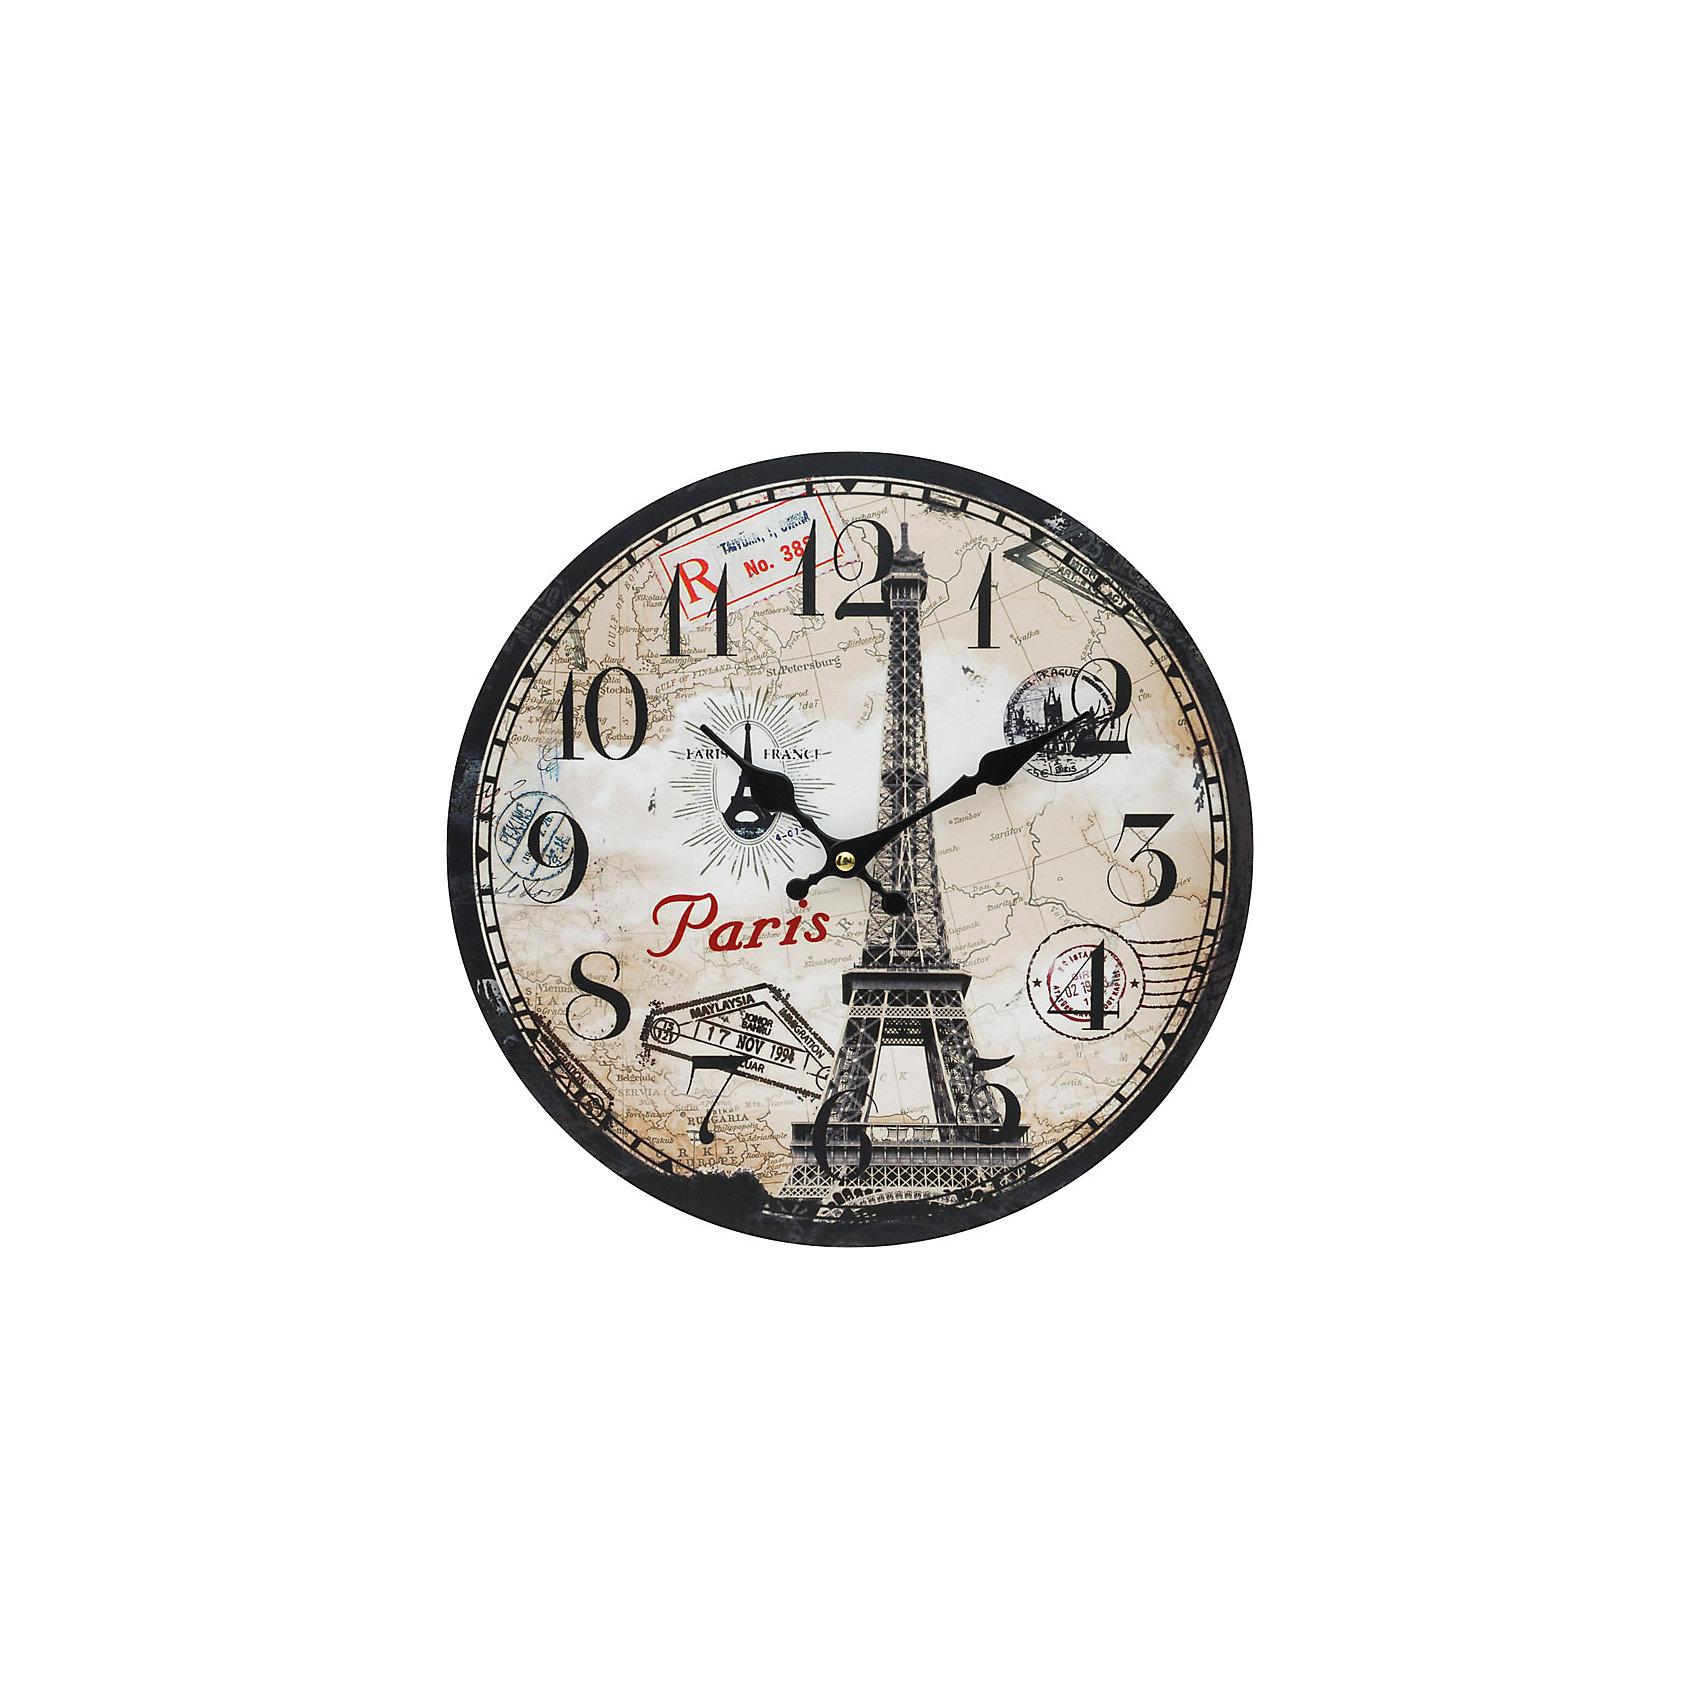 Часы настенные Эйфелева башня, диаметр 34 смПредметы интерьера<br>Часы настенные Эйфелева башня, диаметр 34 см.<br><br>Характеристики:<br><br>- Диаметр: 34 см.<br>- Две стрелки часовая и минутная<br>- Батарейка: 1 типа АА (в комплект не входит)<br>- Упаковка картонная коробка<br><br>Кварцевые настенные часы с механизмом плавного хода помимо своего прямого назначения – показывать точное время – станут важным элементом декора Вашего дома, квартиры или офиса. Открытый циферблат часов выполнен из листа оргалита с декоративным покрытием, оформлен изображением Эйфелевой башни. Часовая и минутная стрелки металлические. Часовой механизм закрыт пластиковым корпусом. Часы будут стильным акцентом в интерьере и создадут дополнительный уют и хорошее настроение.<br><br>Часы настенные Эйфелева башня, диаметр 34 см можно купить в нашем интернет-магазине.<br><br>Ширина мм: 345<br>Глубина мм: 340<br>Высота мм: 45<br>Вес г: 2500<br>Возраст от месяцев: 72<br>Возраст до месяцев: 144<br>Пол: Унисекс<br>Возраст: Детский<br>SKU: 5089842